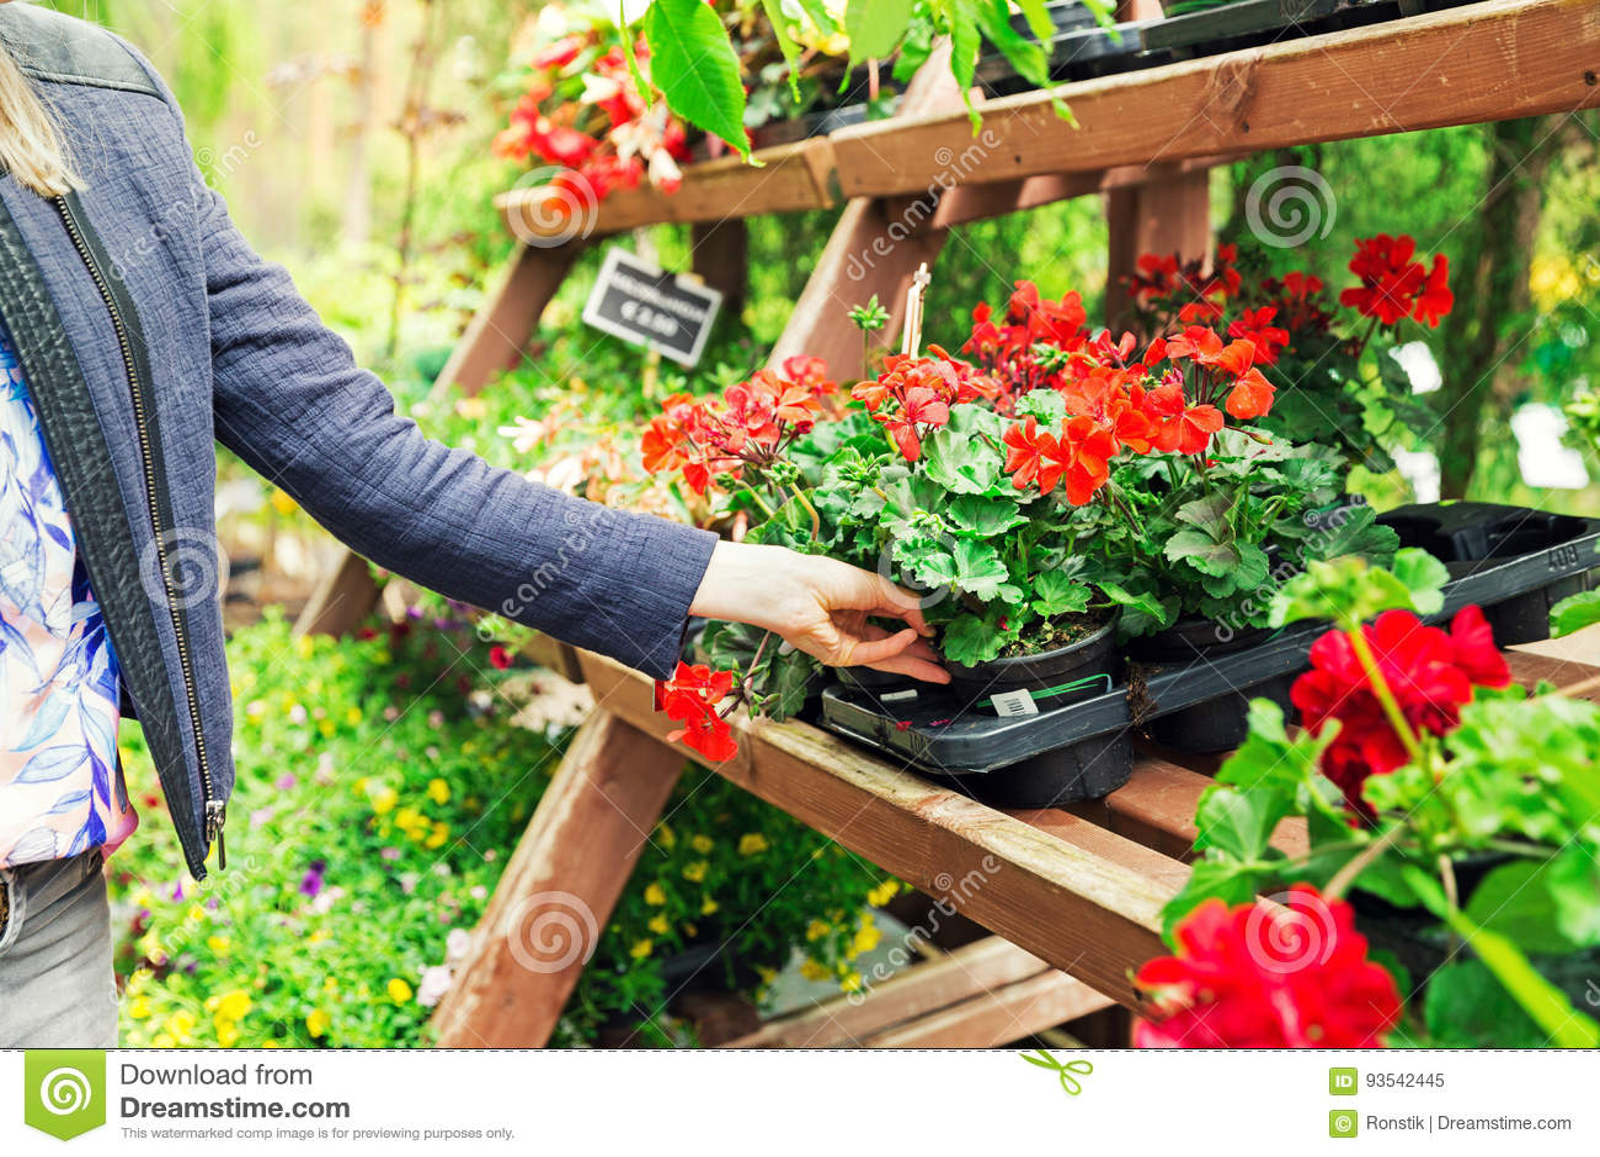 Woman Pick Pelargonium Geranium Flower From Shelf At Garden Plan